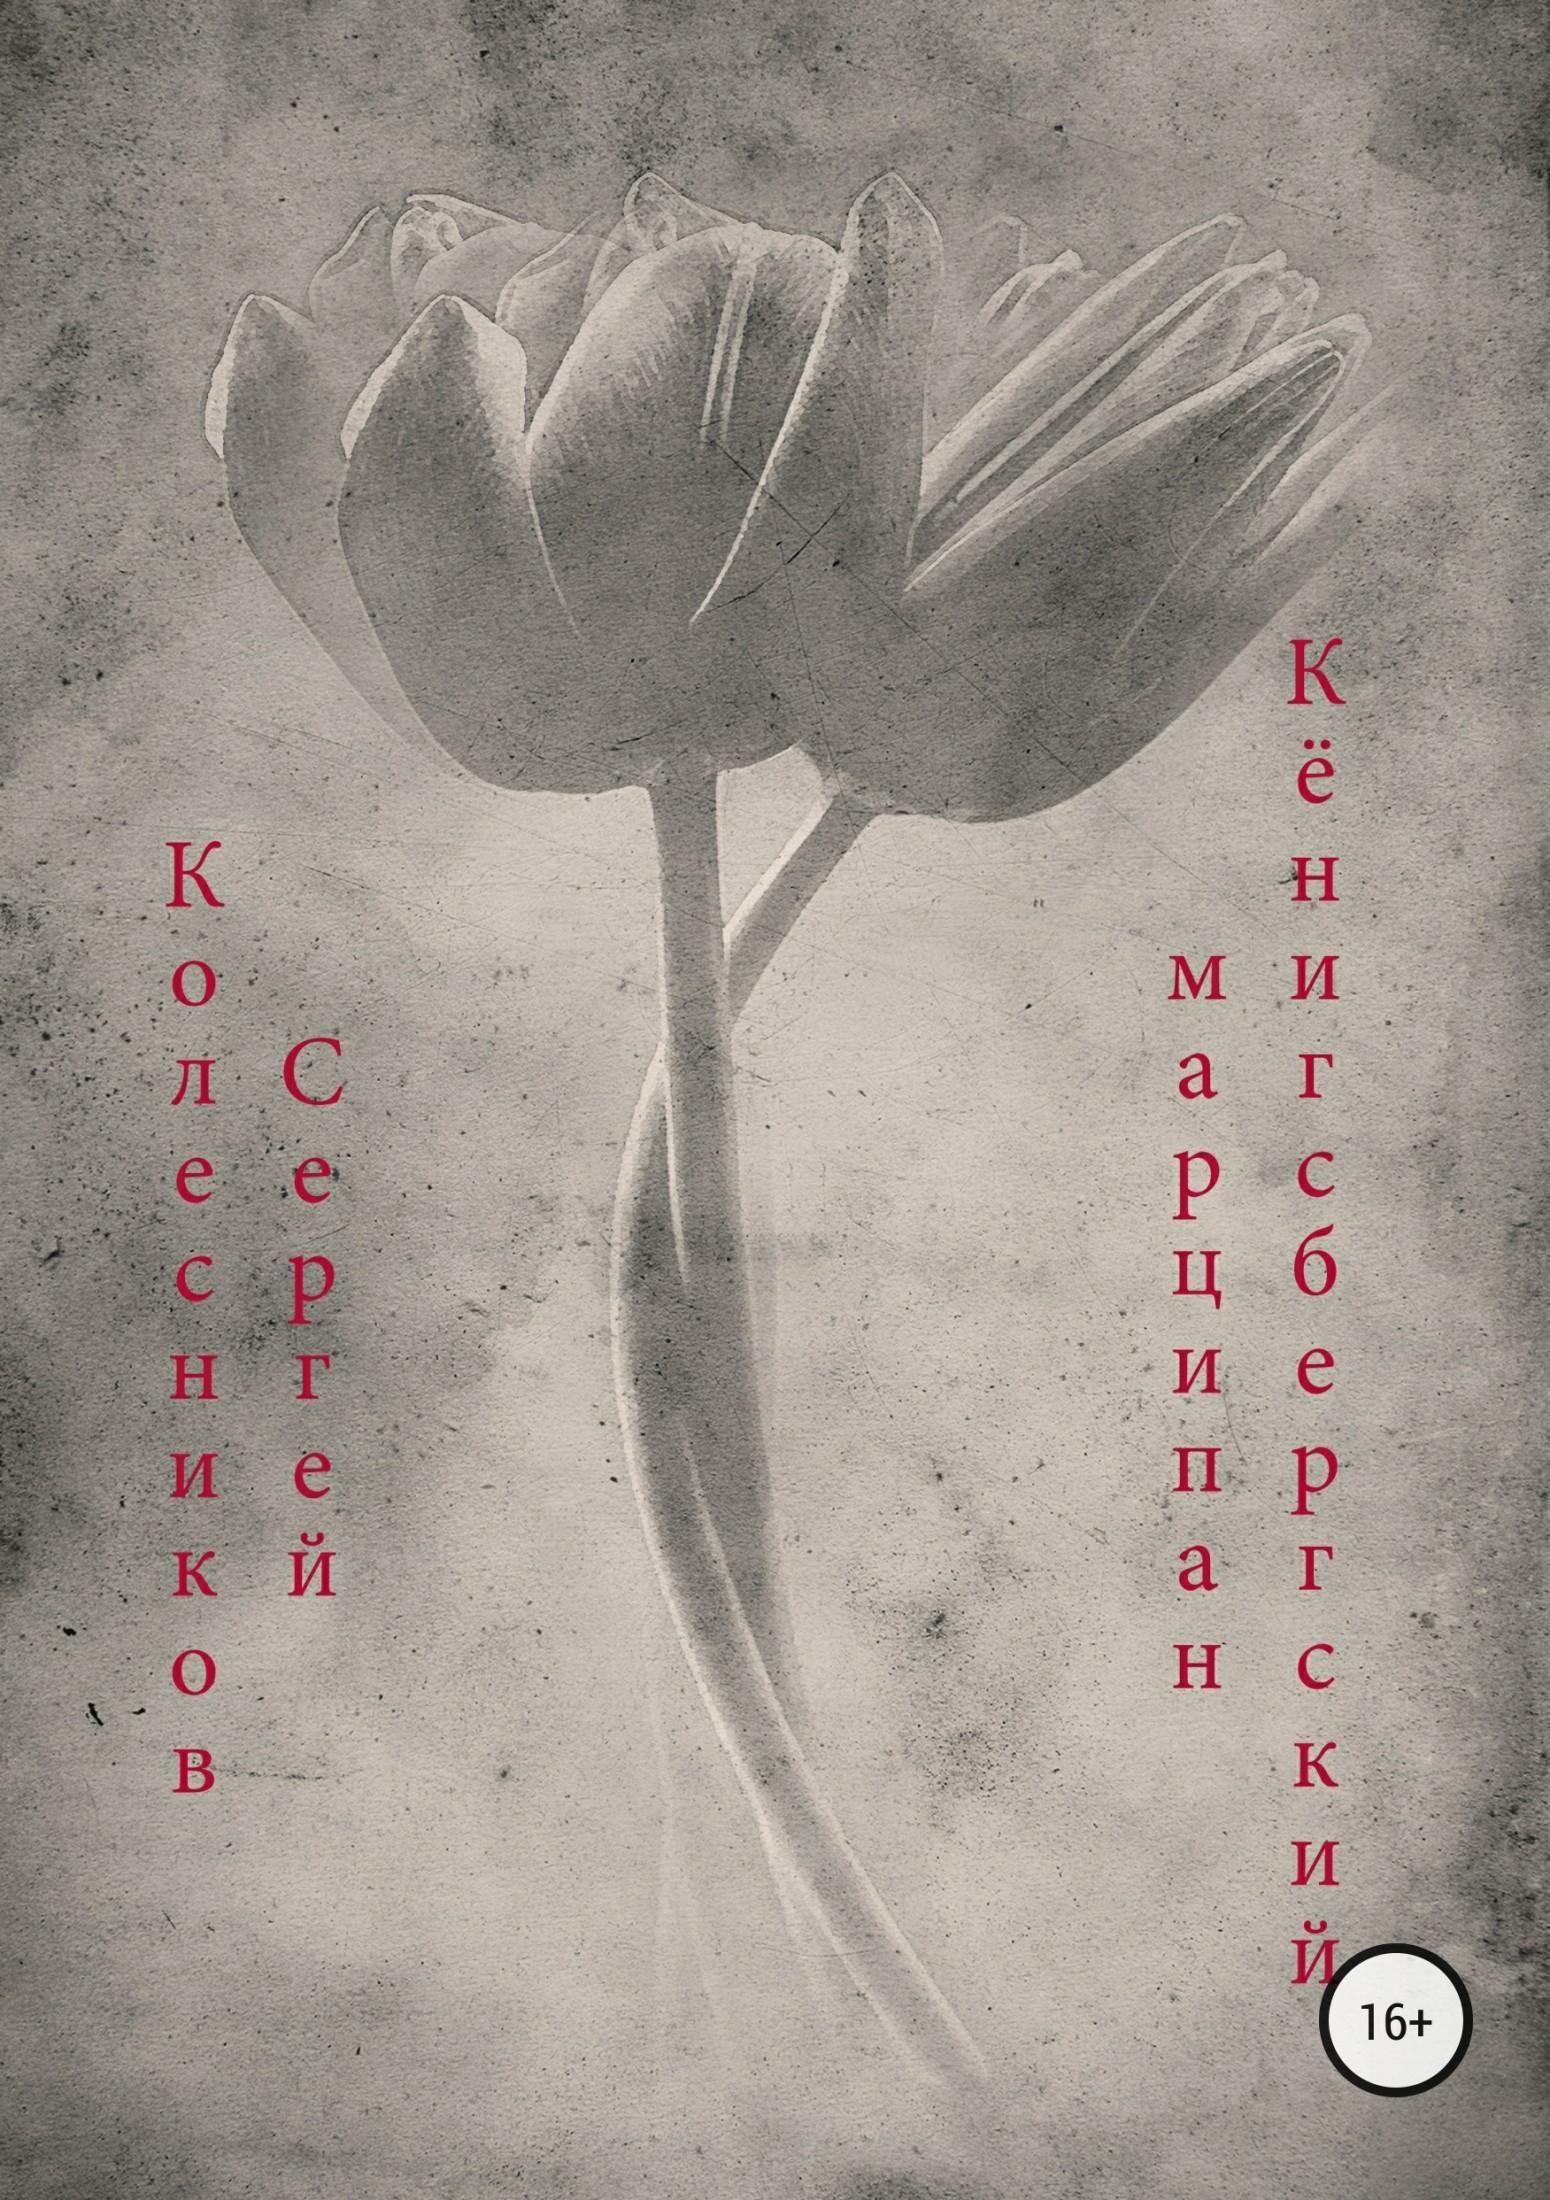 Сергей Александрович Колесников. Кёнигсбергский марципан